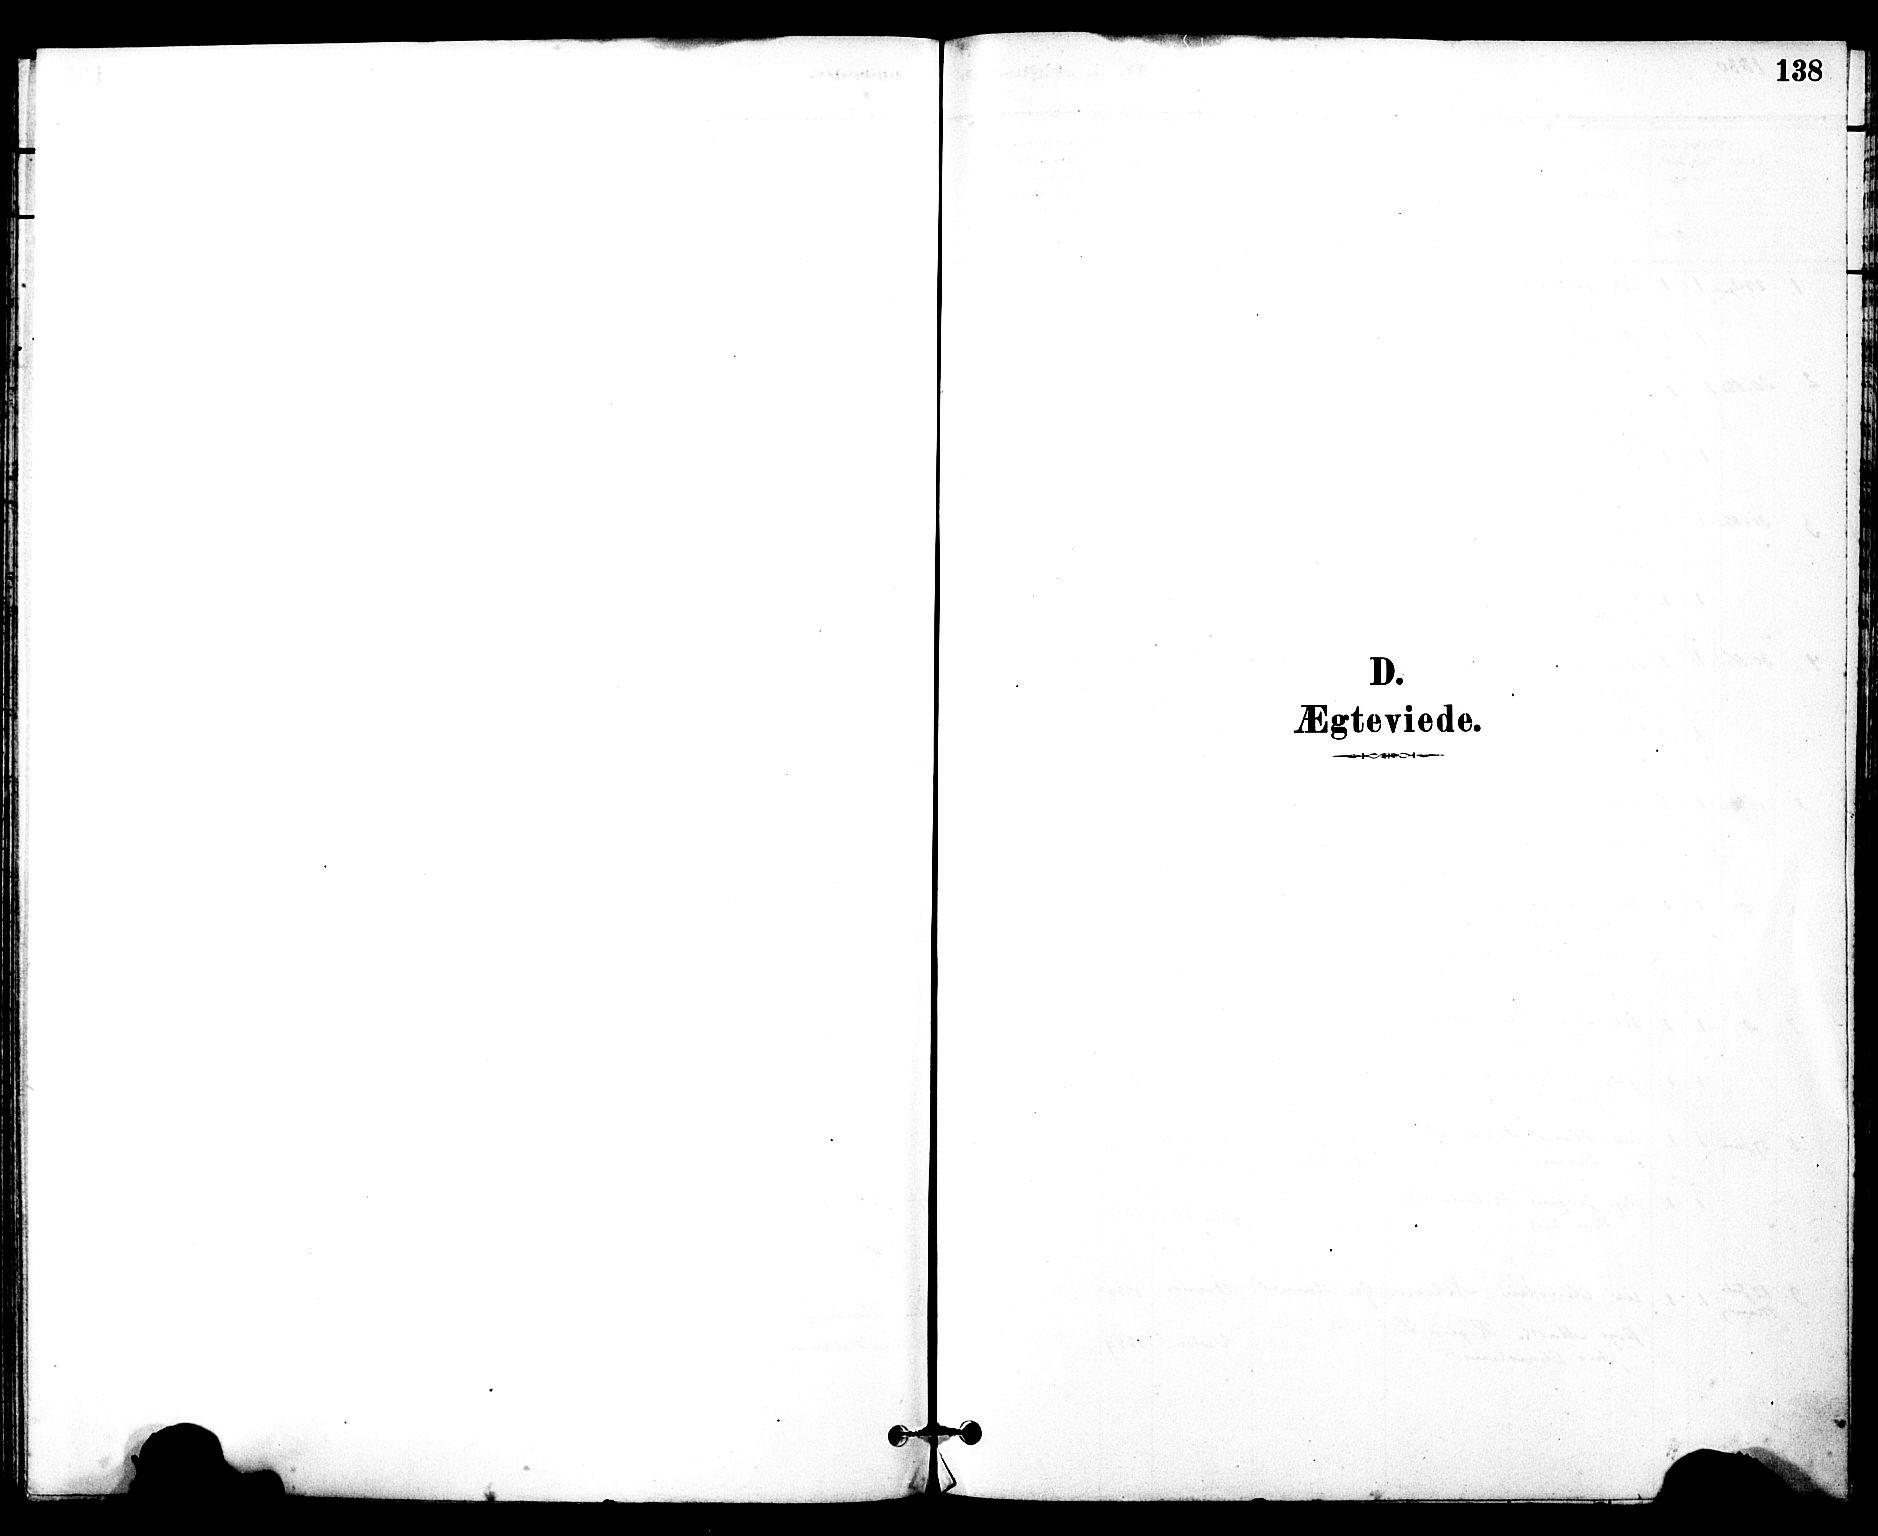 SAT, Ministerialprotokoller, klokkerbøker og fødselsregistre - Møre og Romsdal, 525/L0374: Ministerialbok nr. 525A04, 1880-1899, s. 138